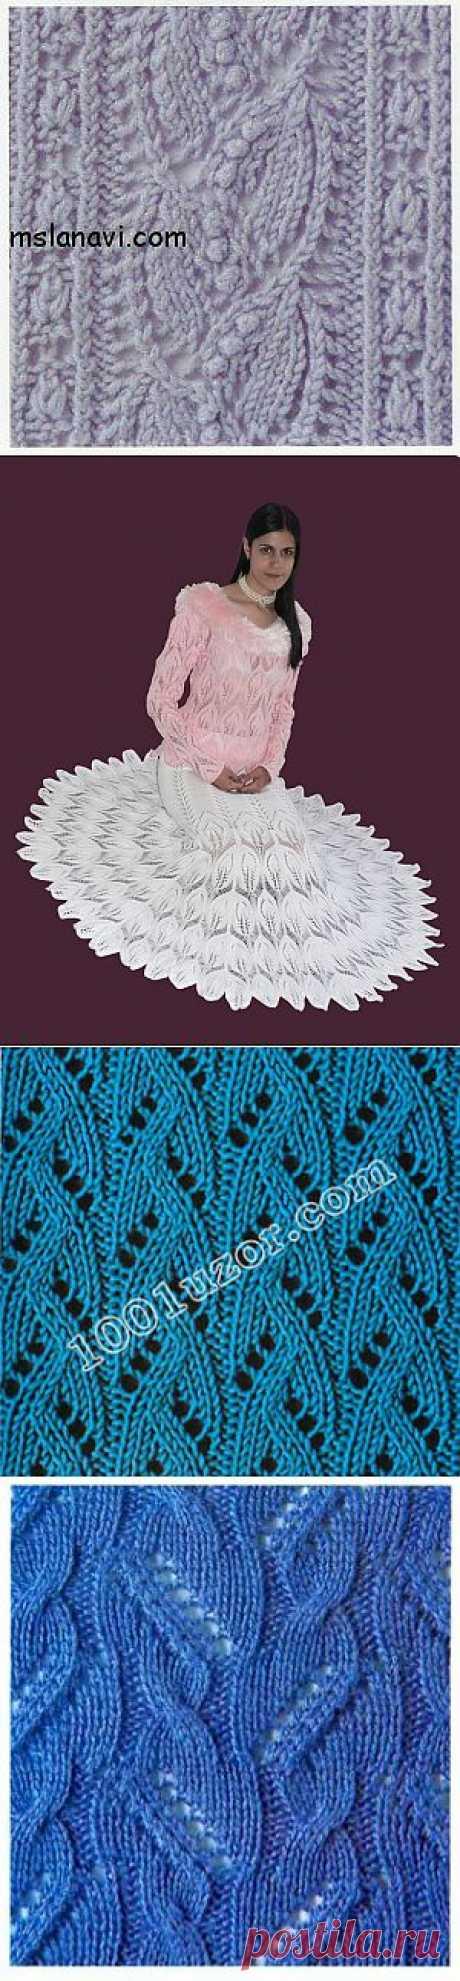 Узоры для вязания спицами. Подборка.